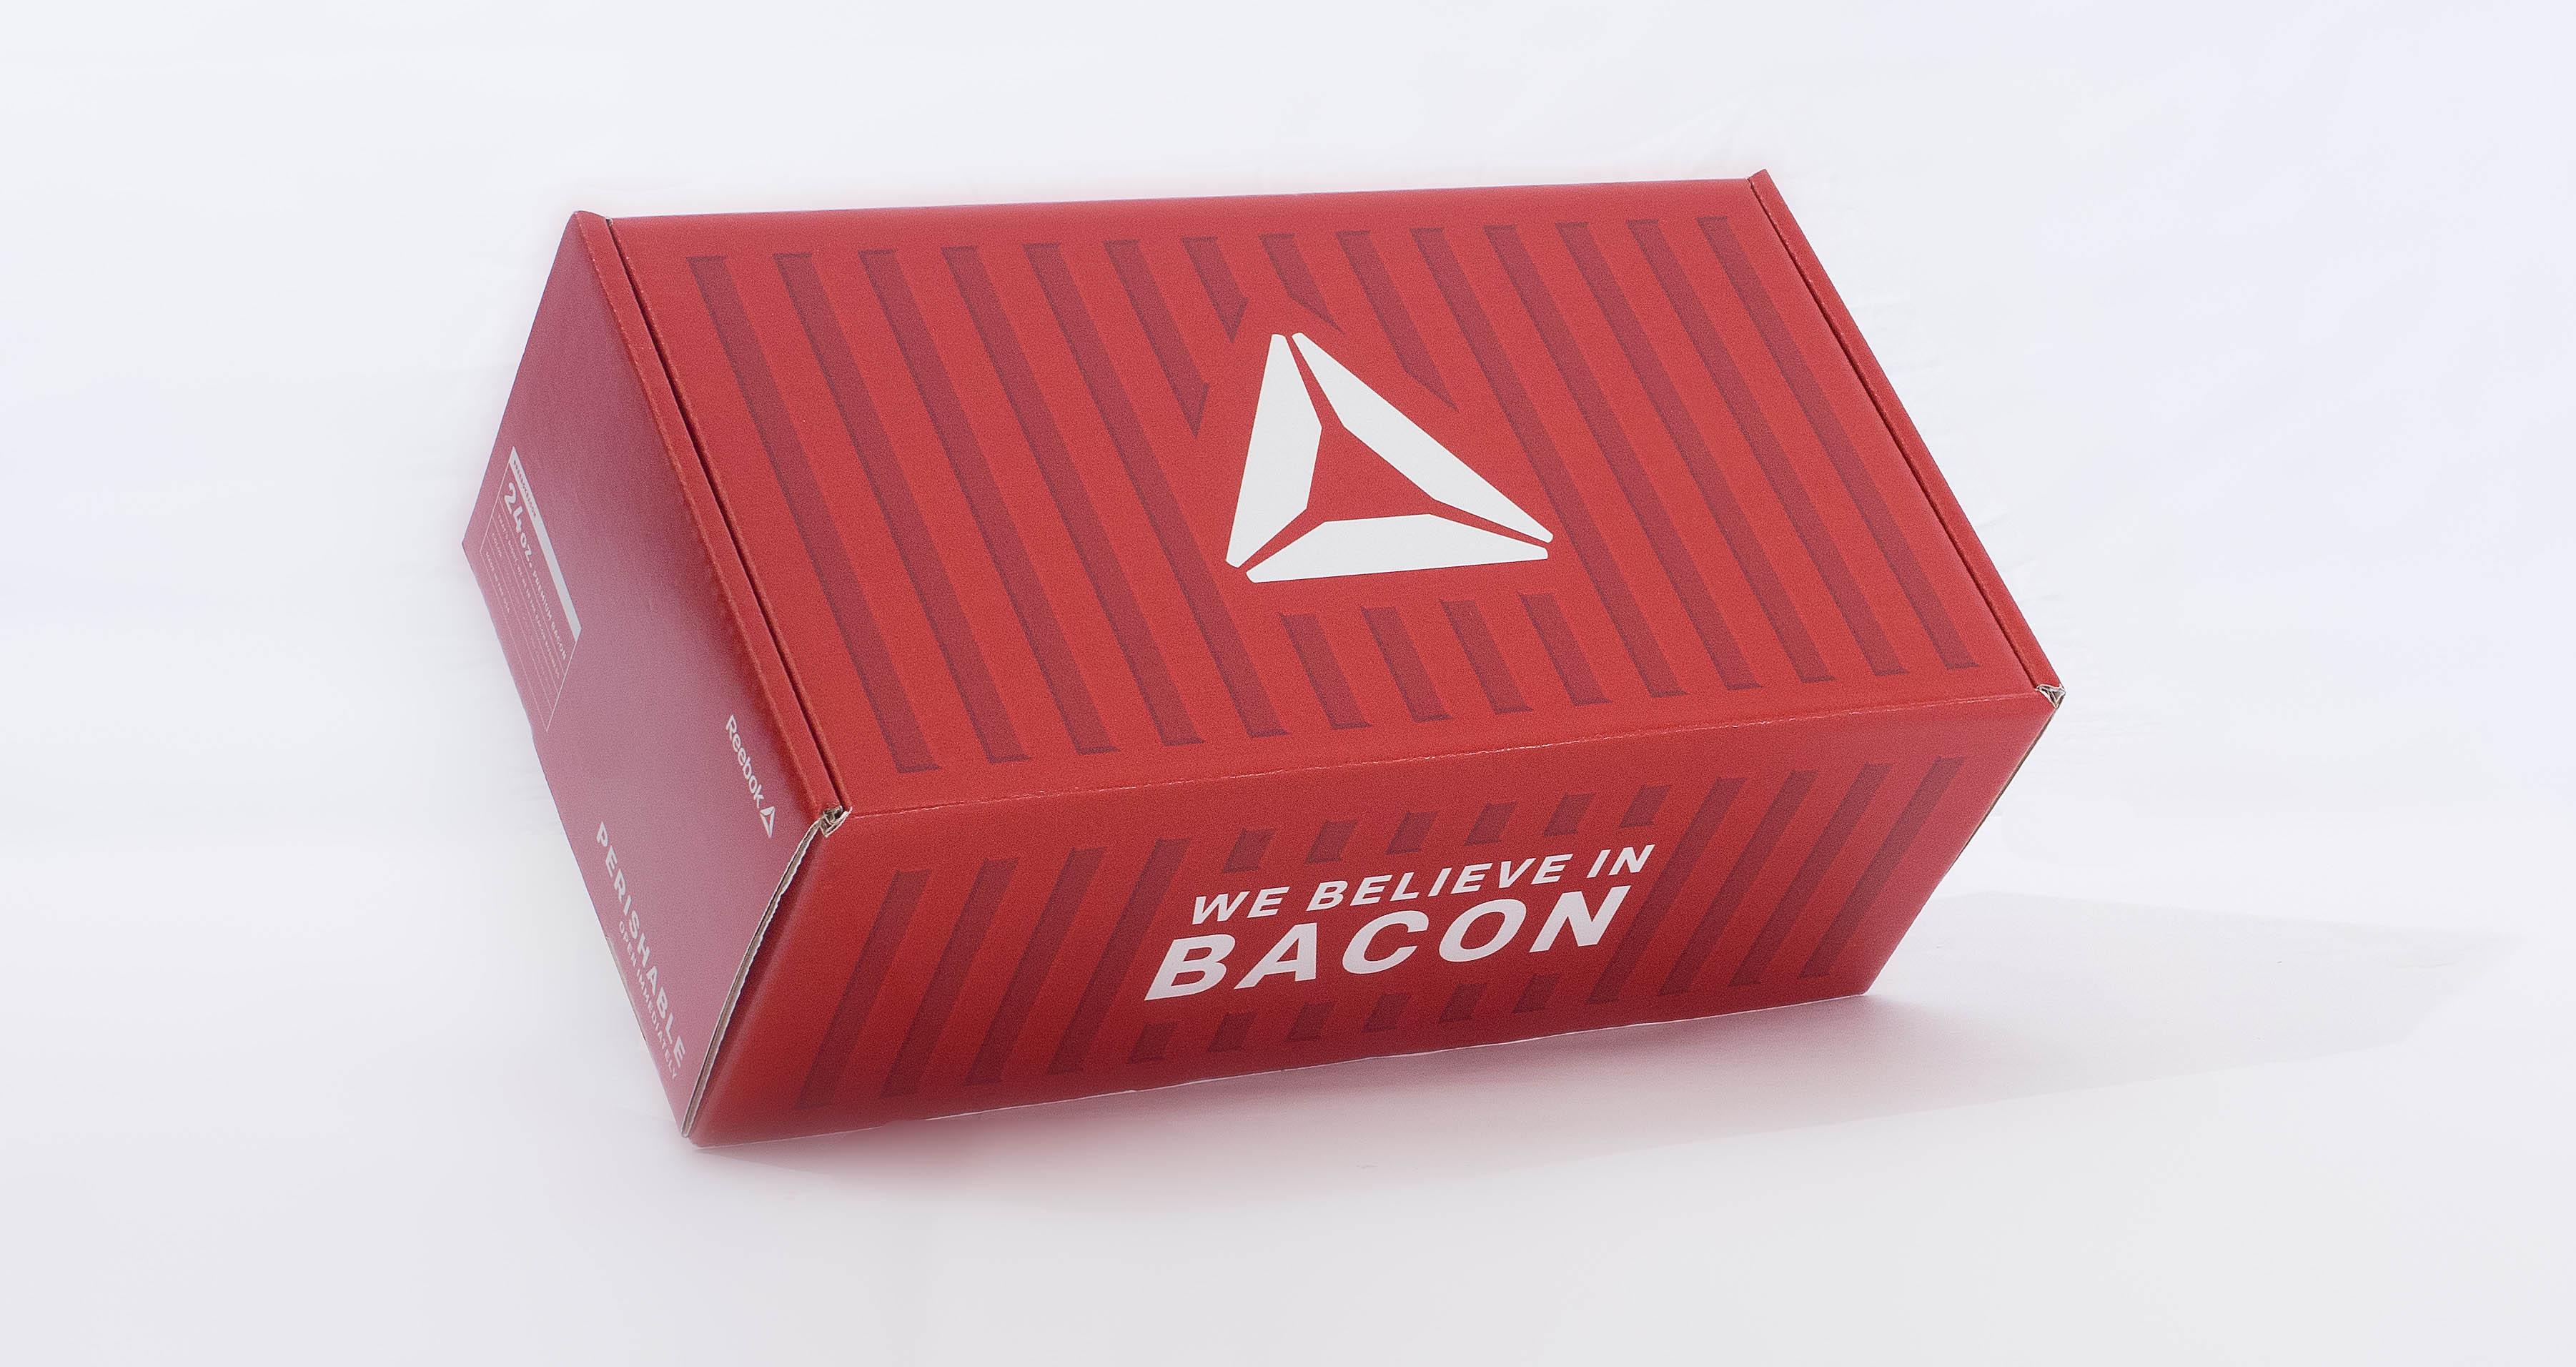 baconboxclosedcropped